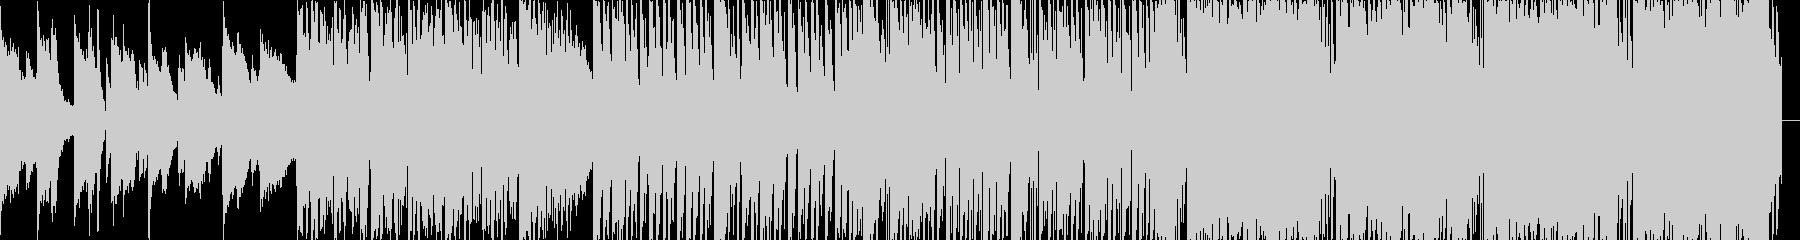 Kawaiiフューチャーベースの未再生の波形